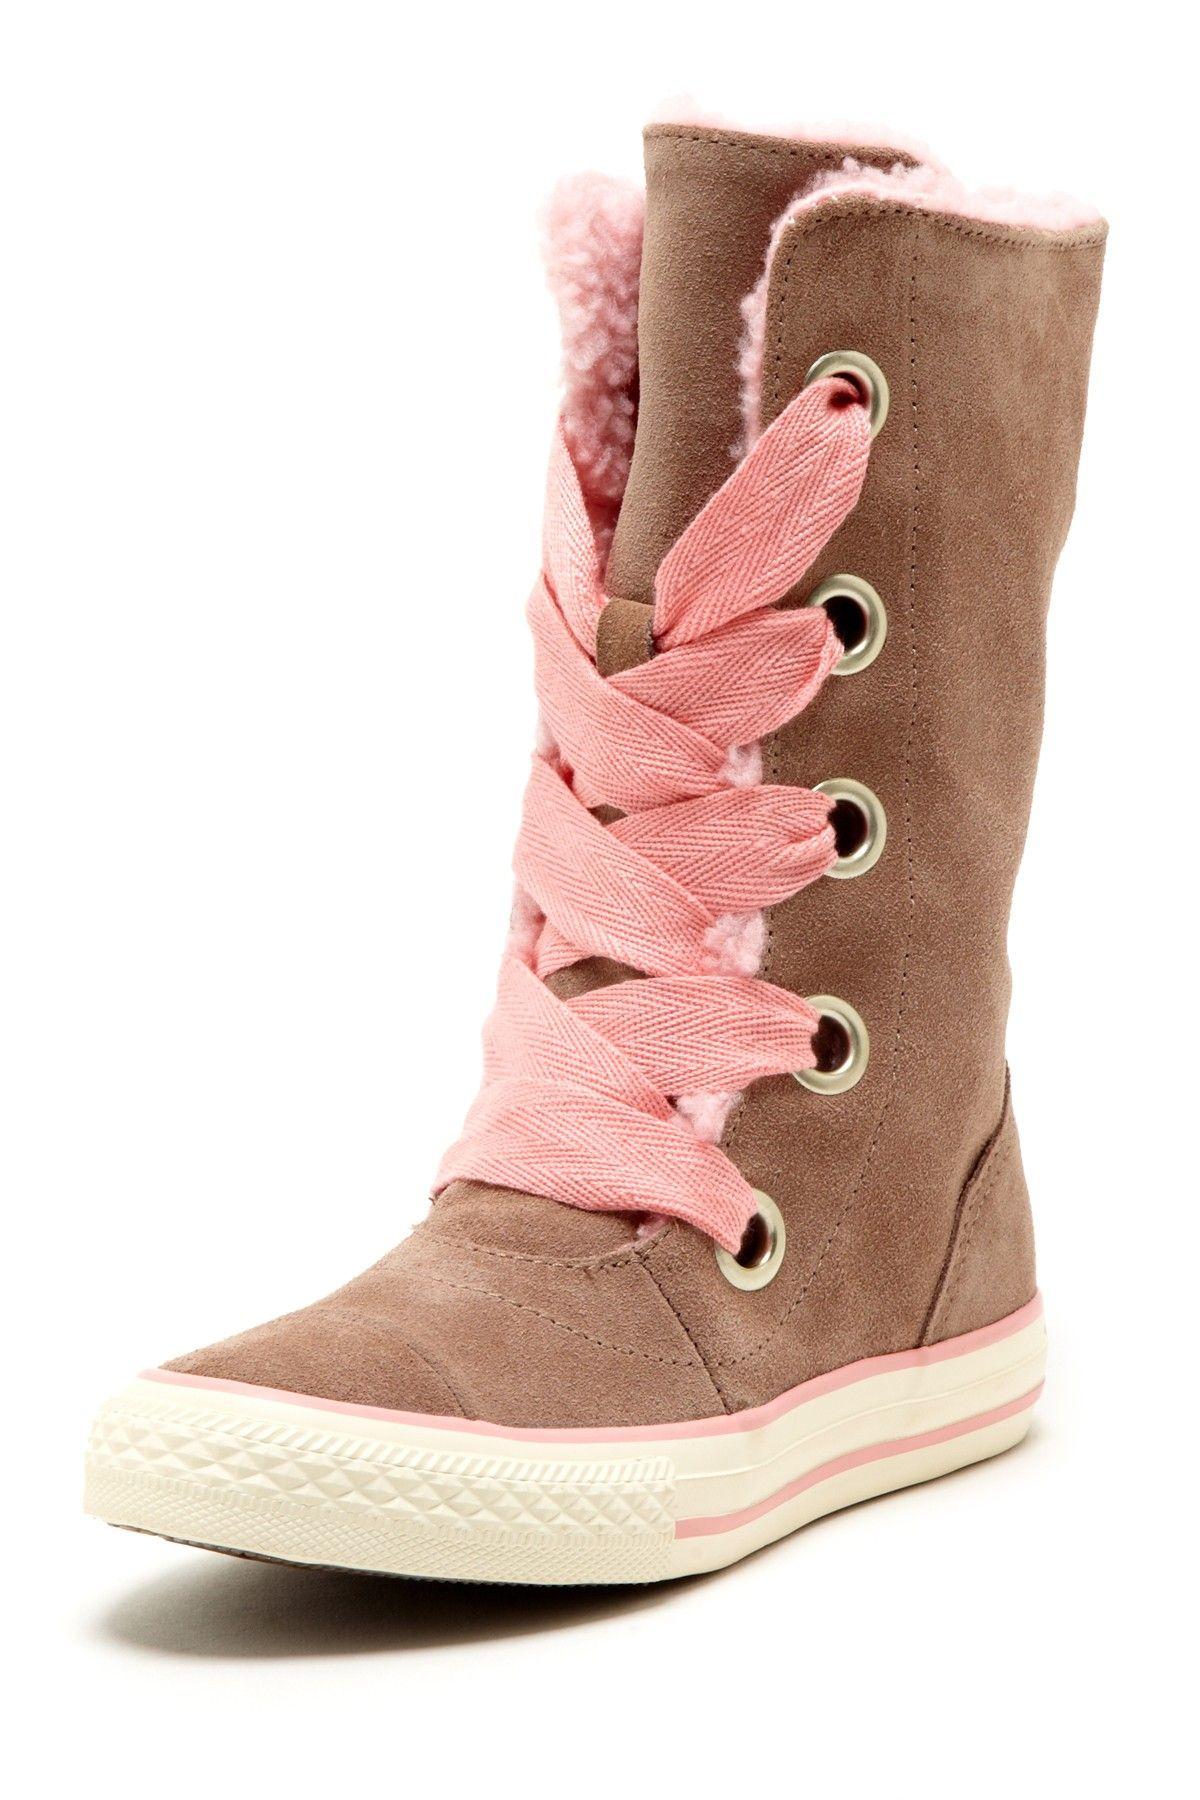 converse boots kids